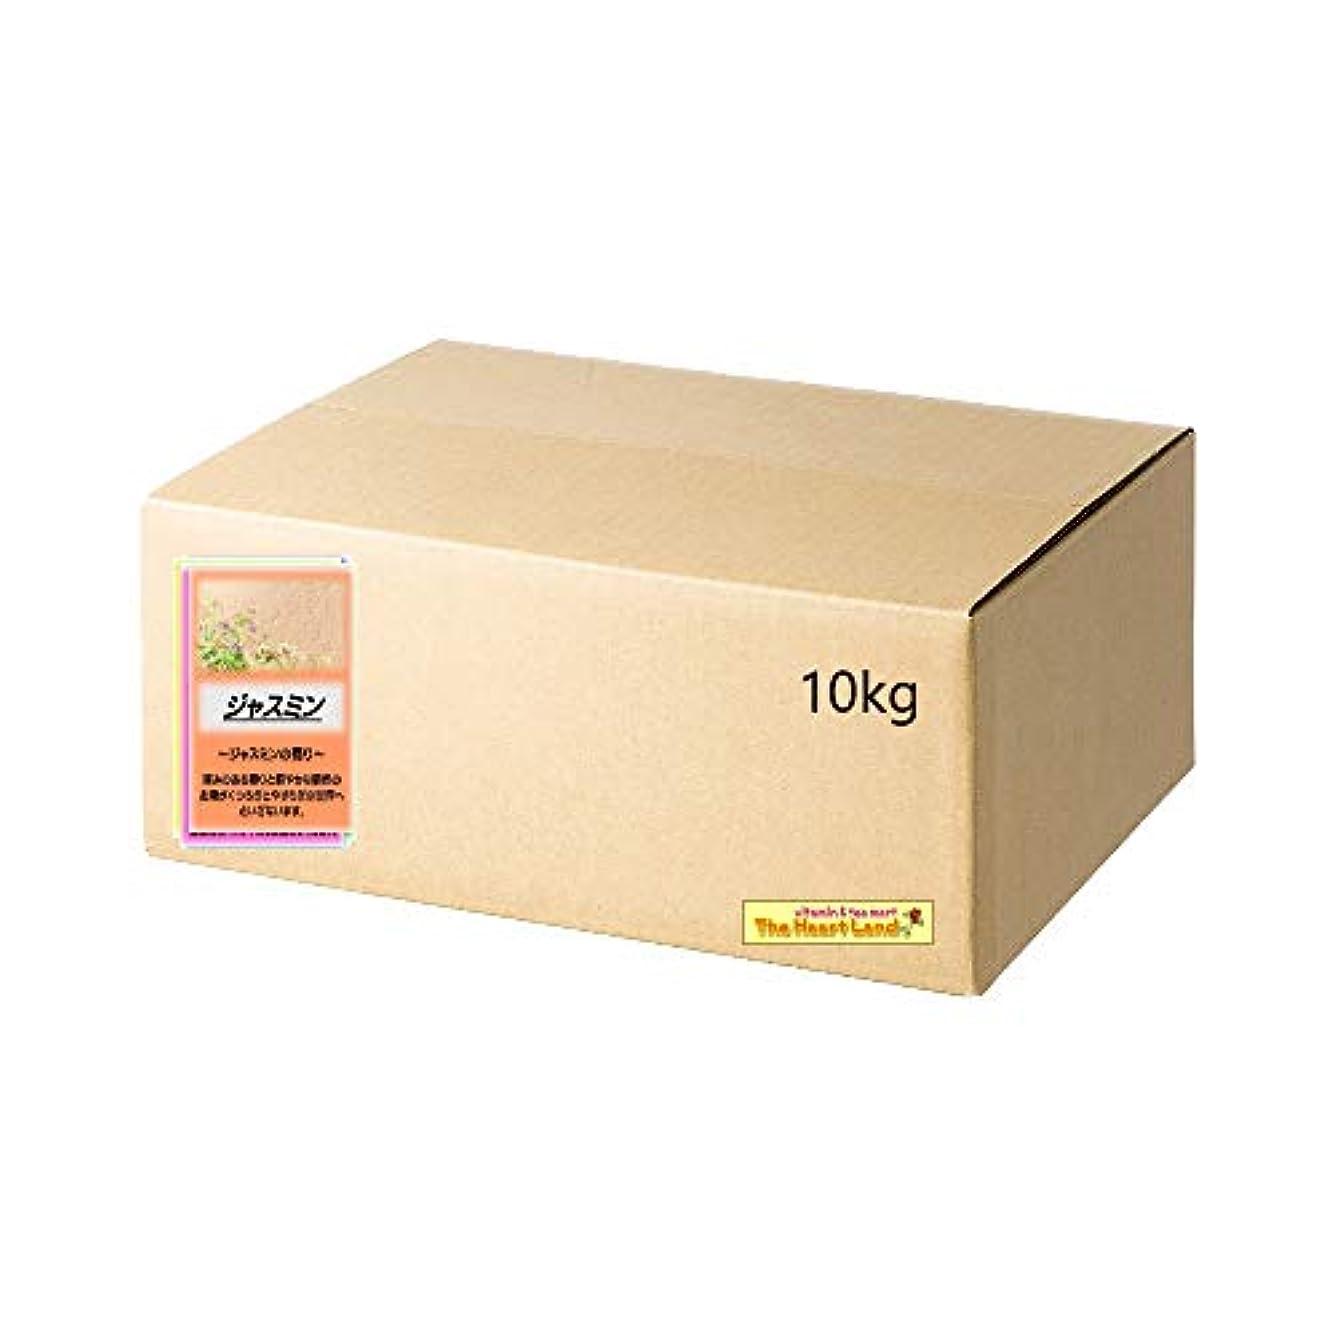 ヘルパー南紛争アサヒ入浴剤 浴用入浴化粧品 ジャスミン 10kg